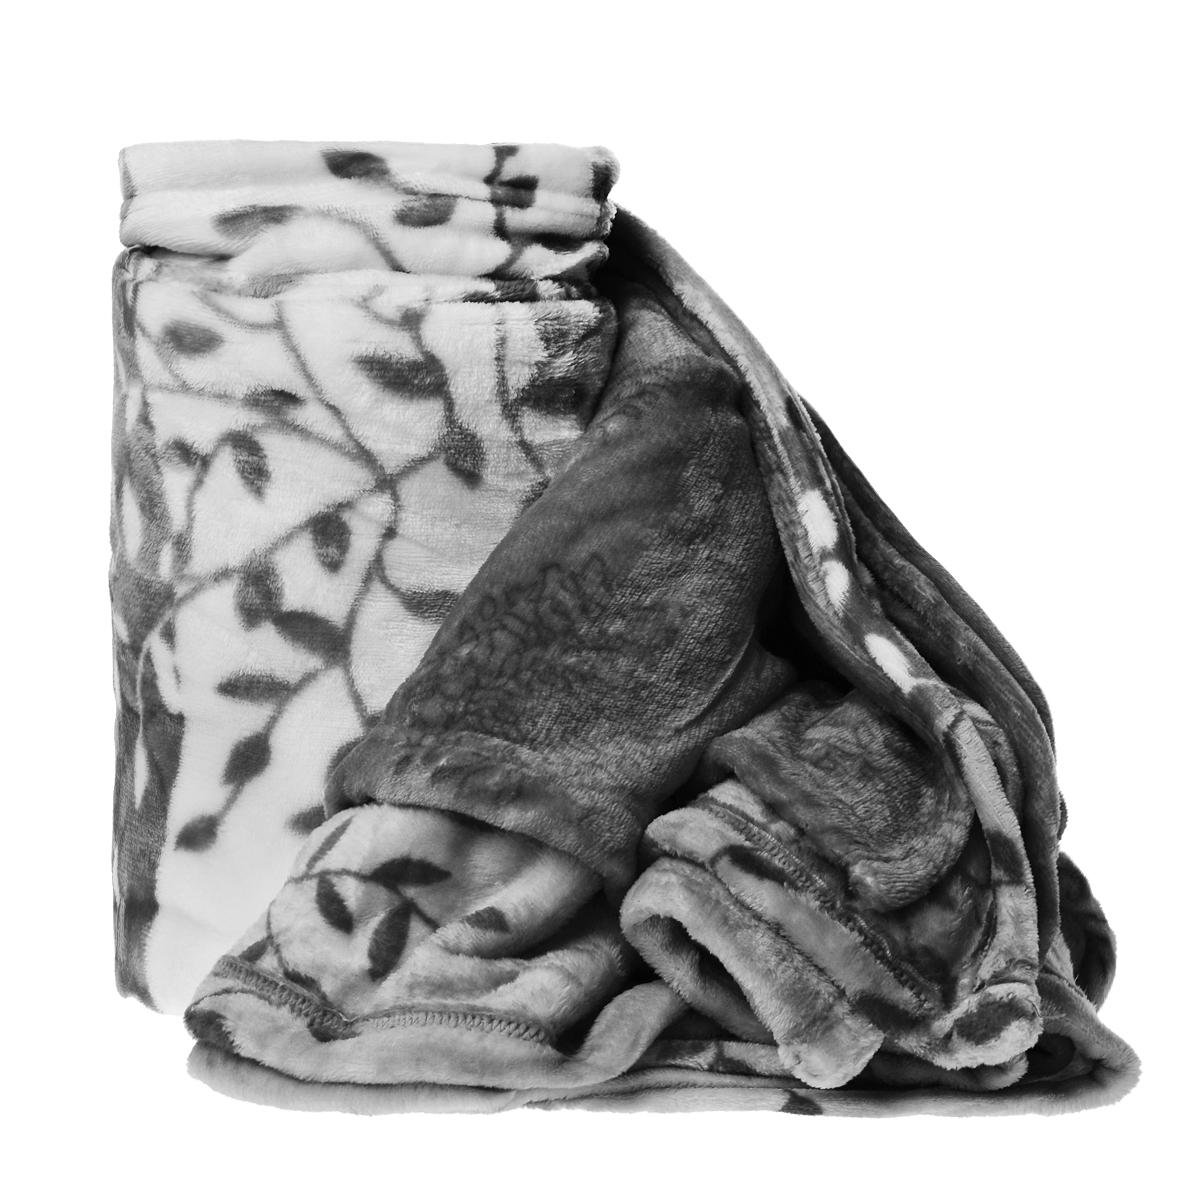 Плед Cleanst, цвет: белый, серый, 200 см х 230 смXthk-GreyПлед Cleanst, выполненный из флиса, послужит теплым, мягким и практичным подарком близким людям. Такой плед легок и не займет много места, что немаловажно в дороге. Благодаря использованию высокотехнологичных материалов этот плед обладает высокой степенью мягкости (бархатный на ощупь) и износоустойчивостью.